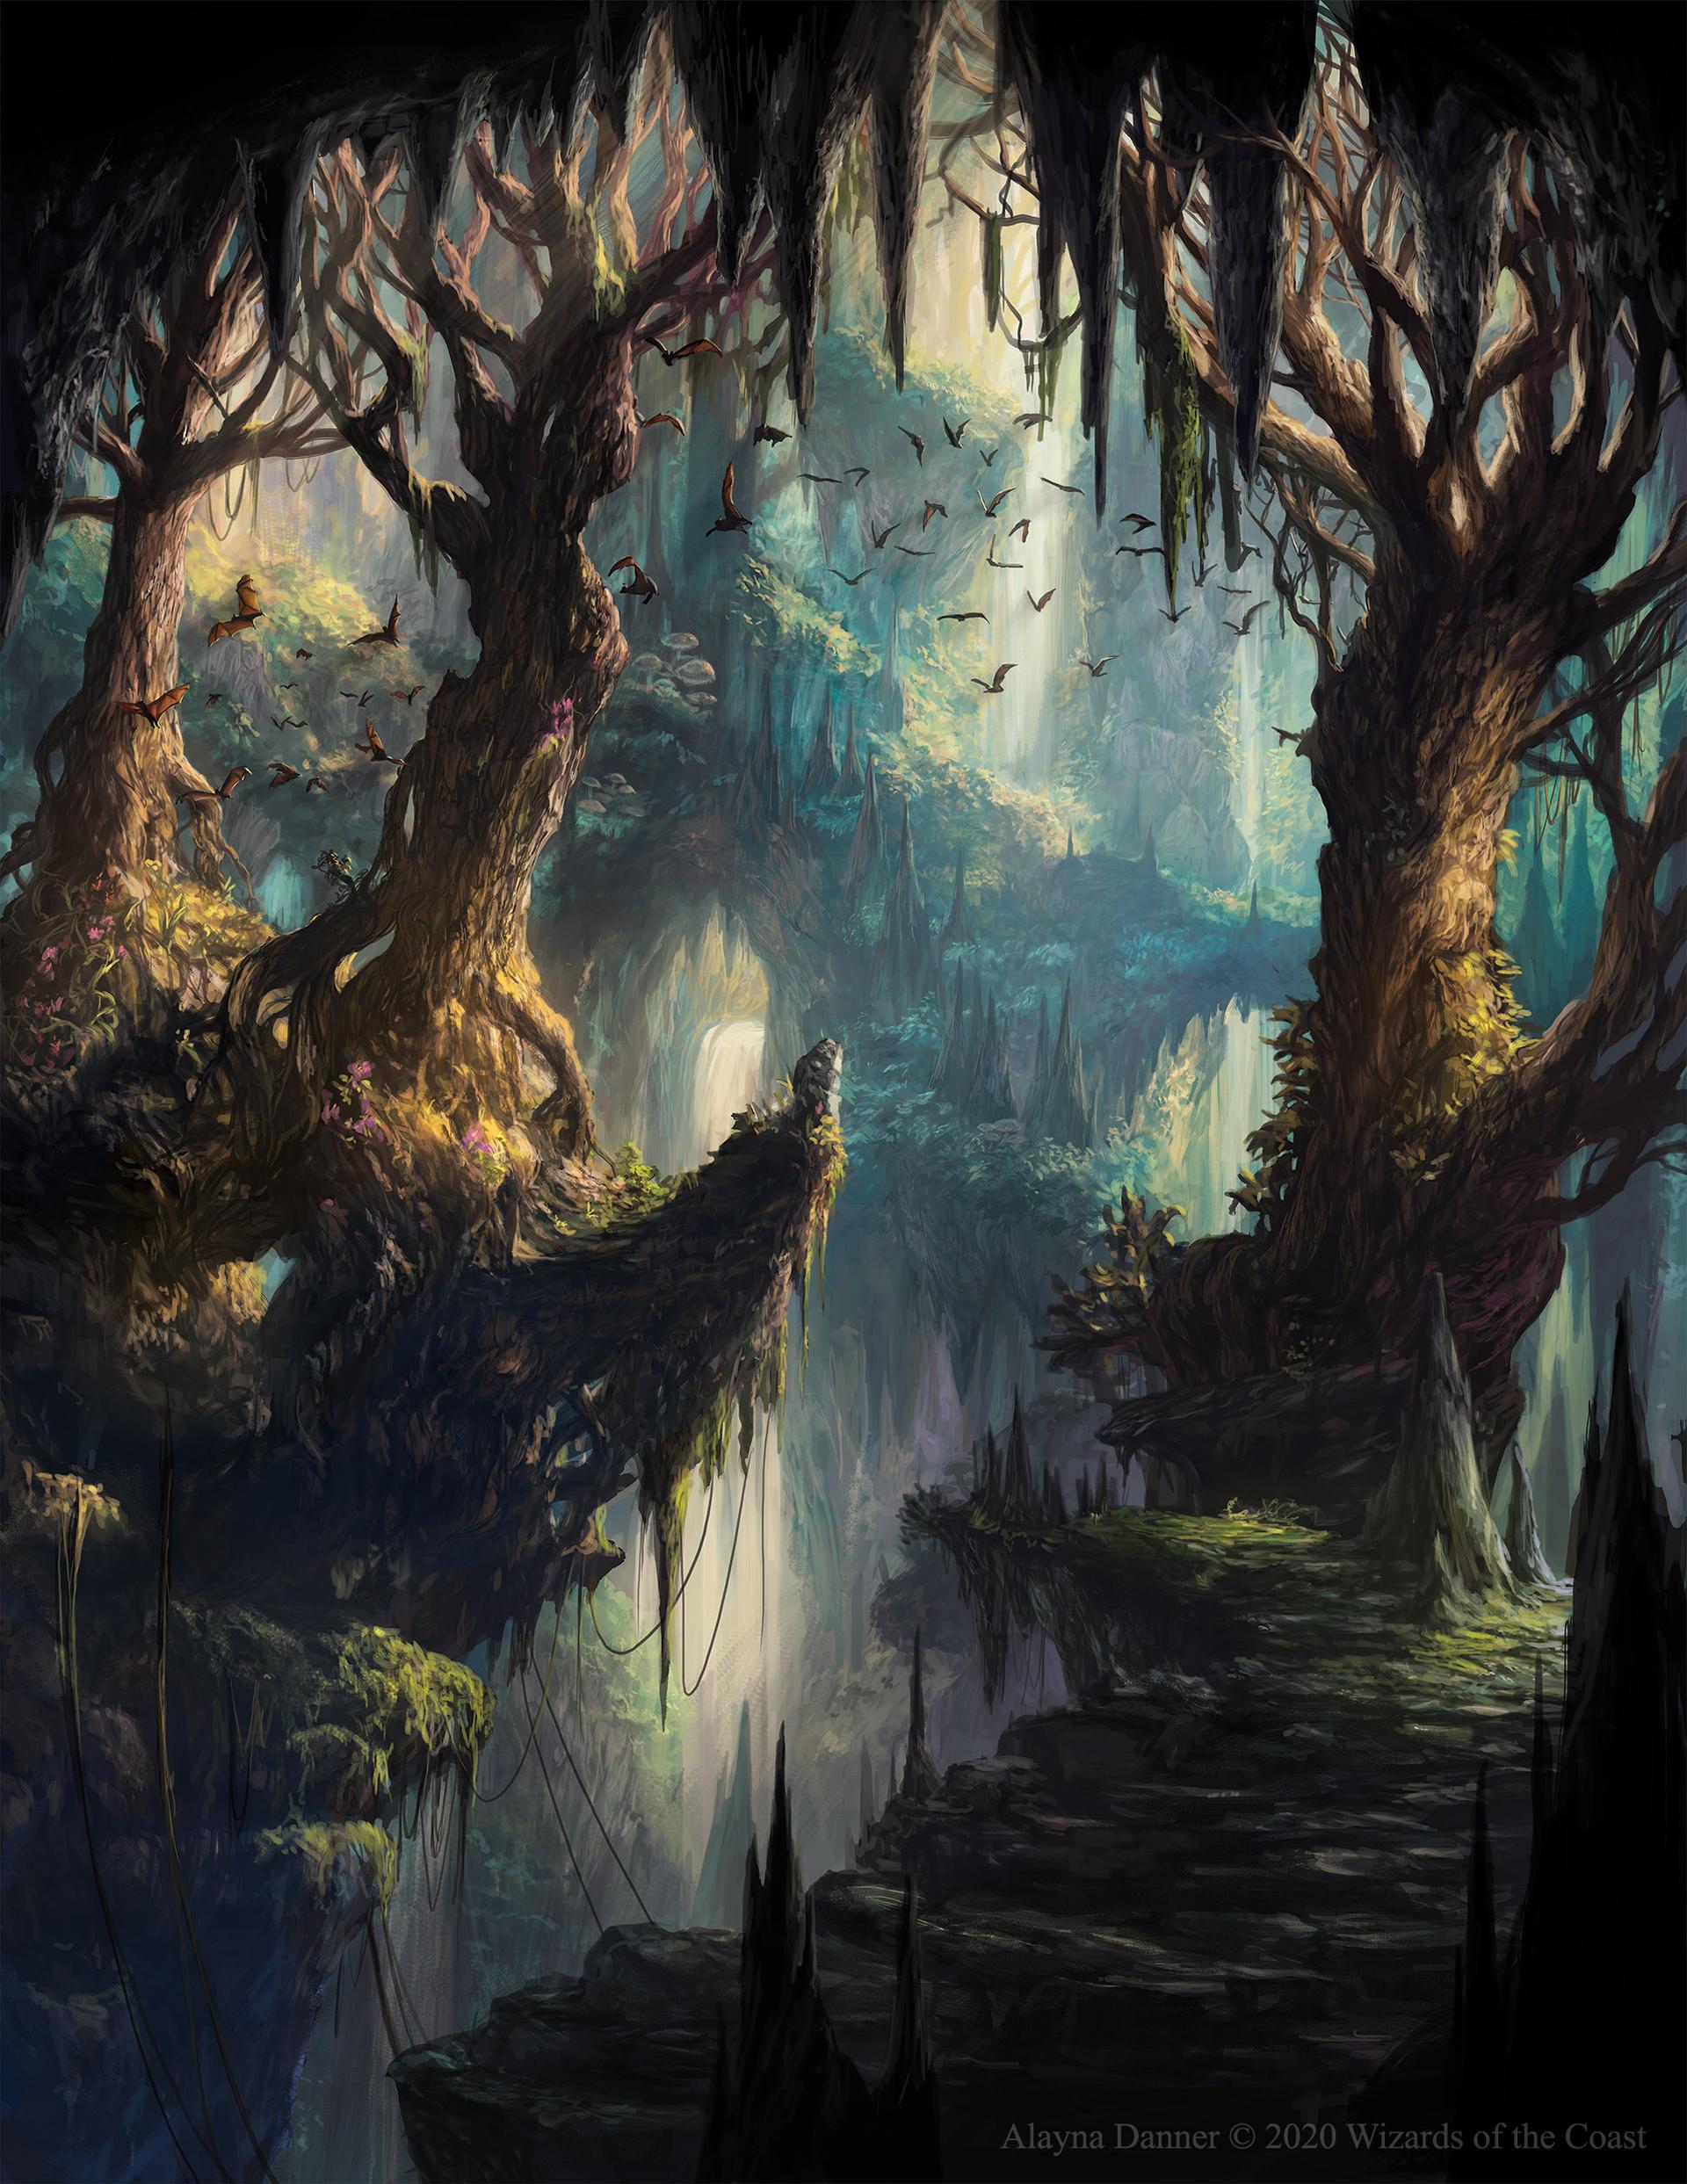 Deviant - art : une source d'inspiration pour nos univers ? - Page 3 Verdant_catacombs_from_magic__the_gathering_by_alayna_de6pqik-fullview.jpg?token=eyJ0eXAiOiJKV1QiLCJhbGciOiJIUzI1NiJ9.eyJzdWIiOiJ1cm46YXBwOjdlMGQxODg5ODIyNjQzNzNhNWYwZDQxNWVhMGQyNmUwIiwiaXNzIjoidXJuOmFwcDo3ZTBkMTg4OTgyMjY0MzczYTVmMGQ0MTVlYTBkMjZlMCIsIm9iaiI6W1t7ImhlaWdodCI6Ijw9MjQ4NiIsInBhdGgiOiJcL2ZcLzAyMDliZDE4LTMxNjEtNDU3MC04NGM0LWU3NDE5ZTFmZGNlYVwvZGU2cHFpay0zMWM2YjE3ZC1mYzU5LTRlMmUtOWQyZS04ZGYxZTM2NzQ5YzEuanBnIiwid2lkdGgiOiI8PTE5MjAifV1dLCJhdWQiOlsidXJuOnNlcnZpY2U6aW1hZ2Uub3BlcmF0aW9ucyJdfQ